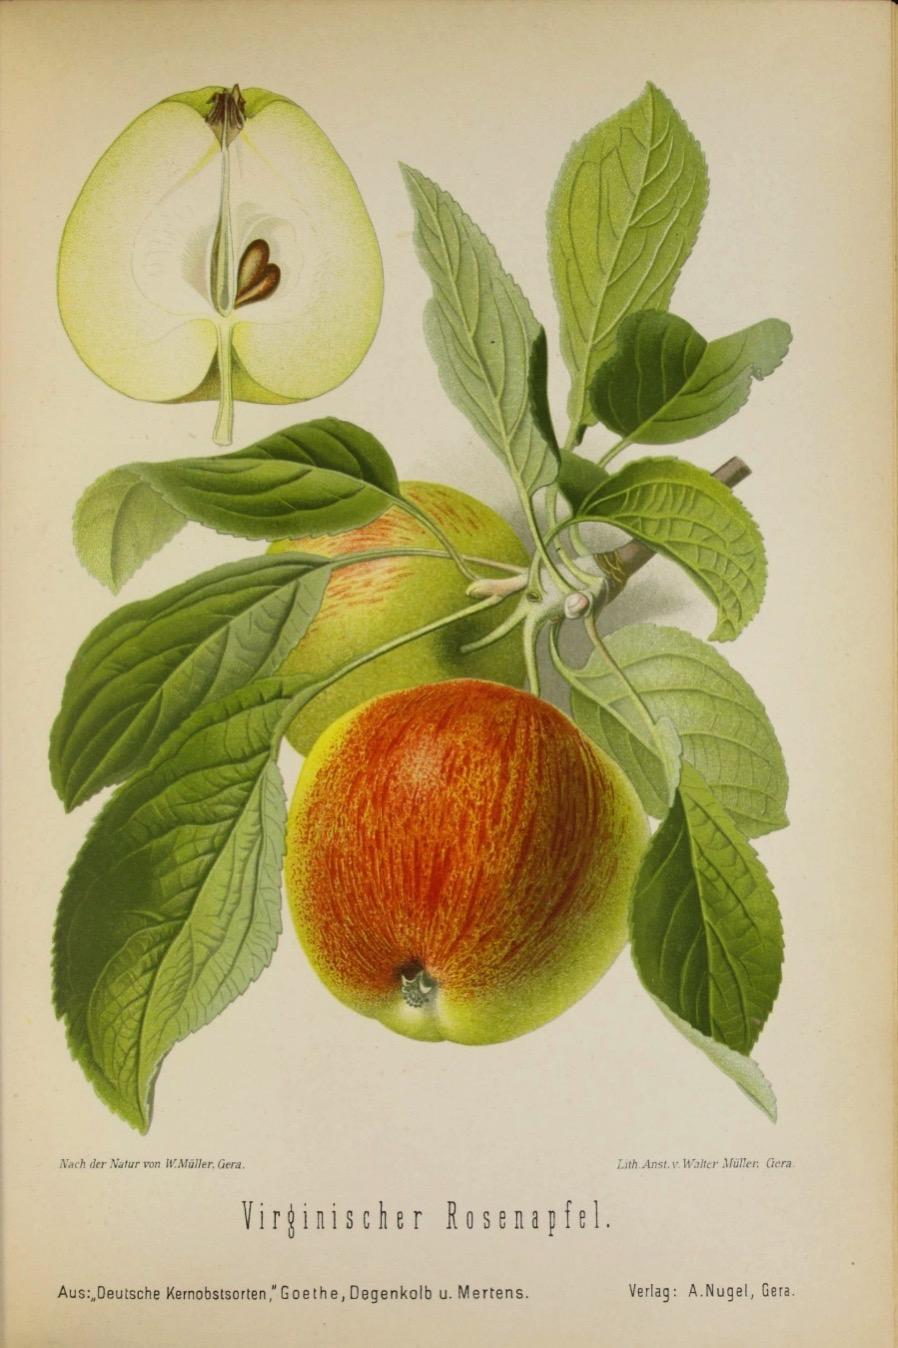 kolorierter Druck mit der Abbildung der Virginischen Rosenapfels; ©Staats- und Universitätsbibliothek Hamburg